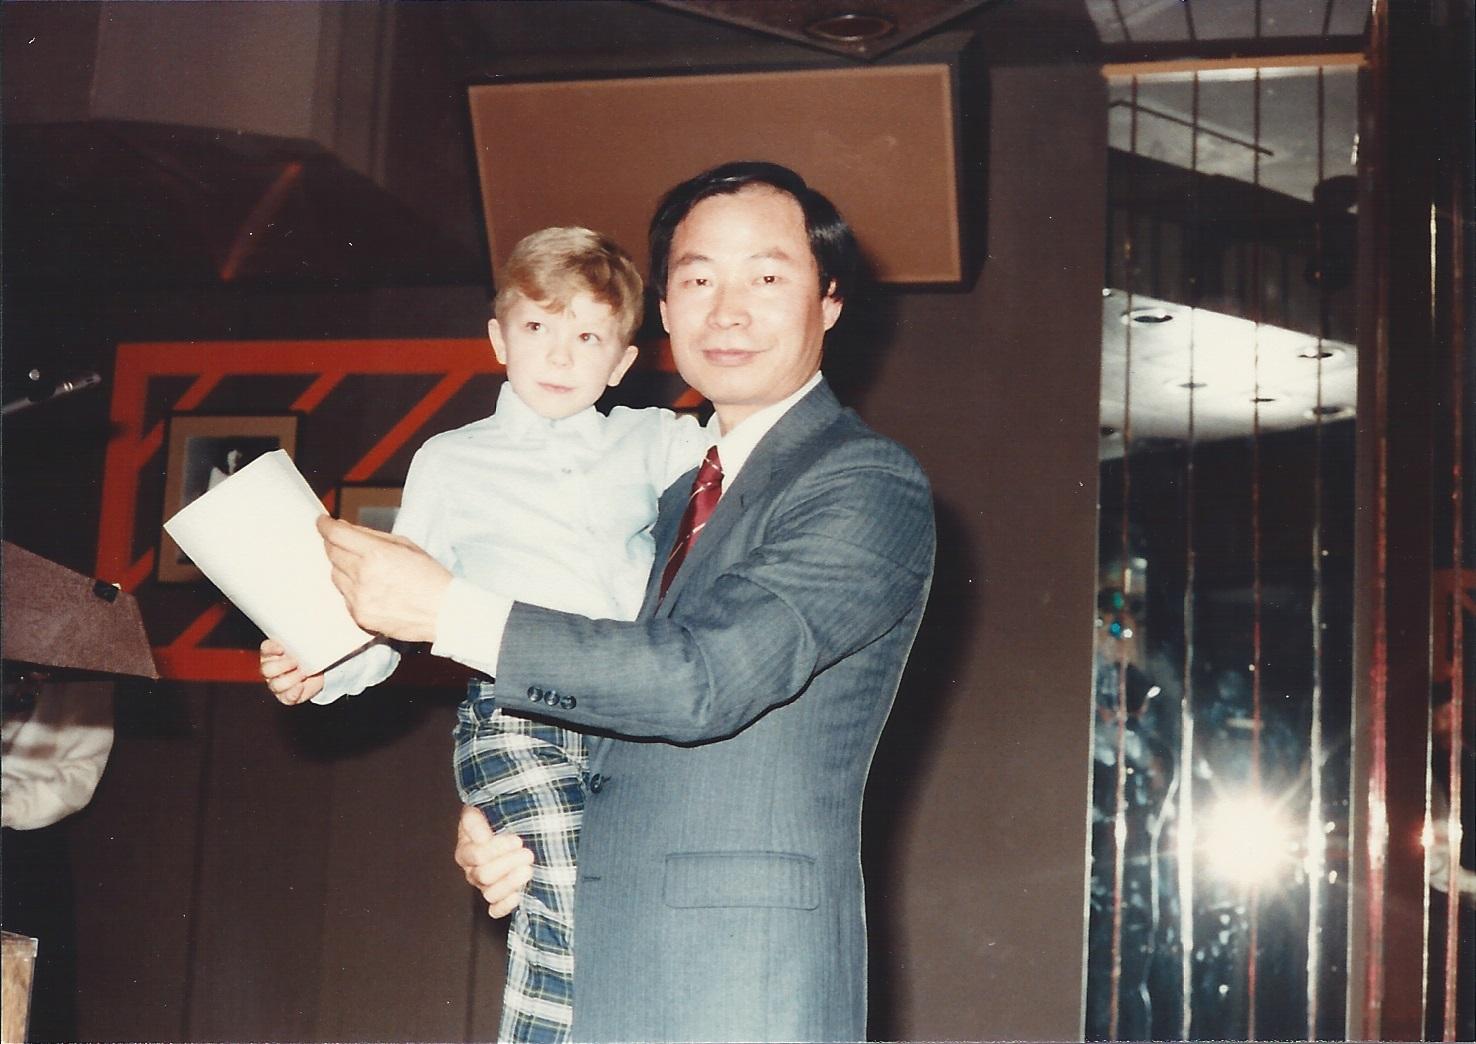 0090 United Tae Kwon Do Banquet Circa 1980.jpg